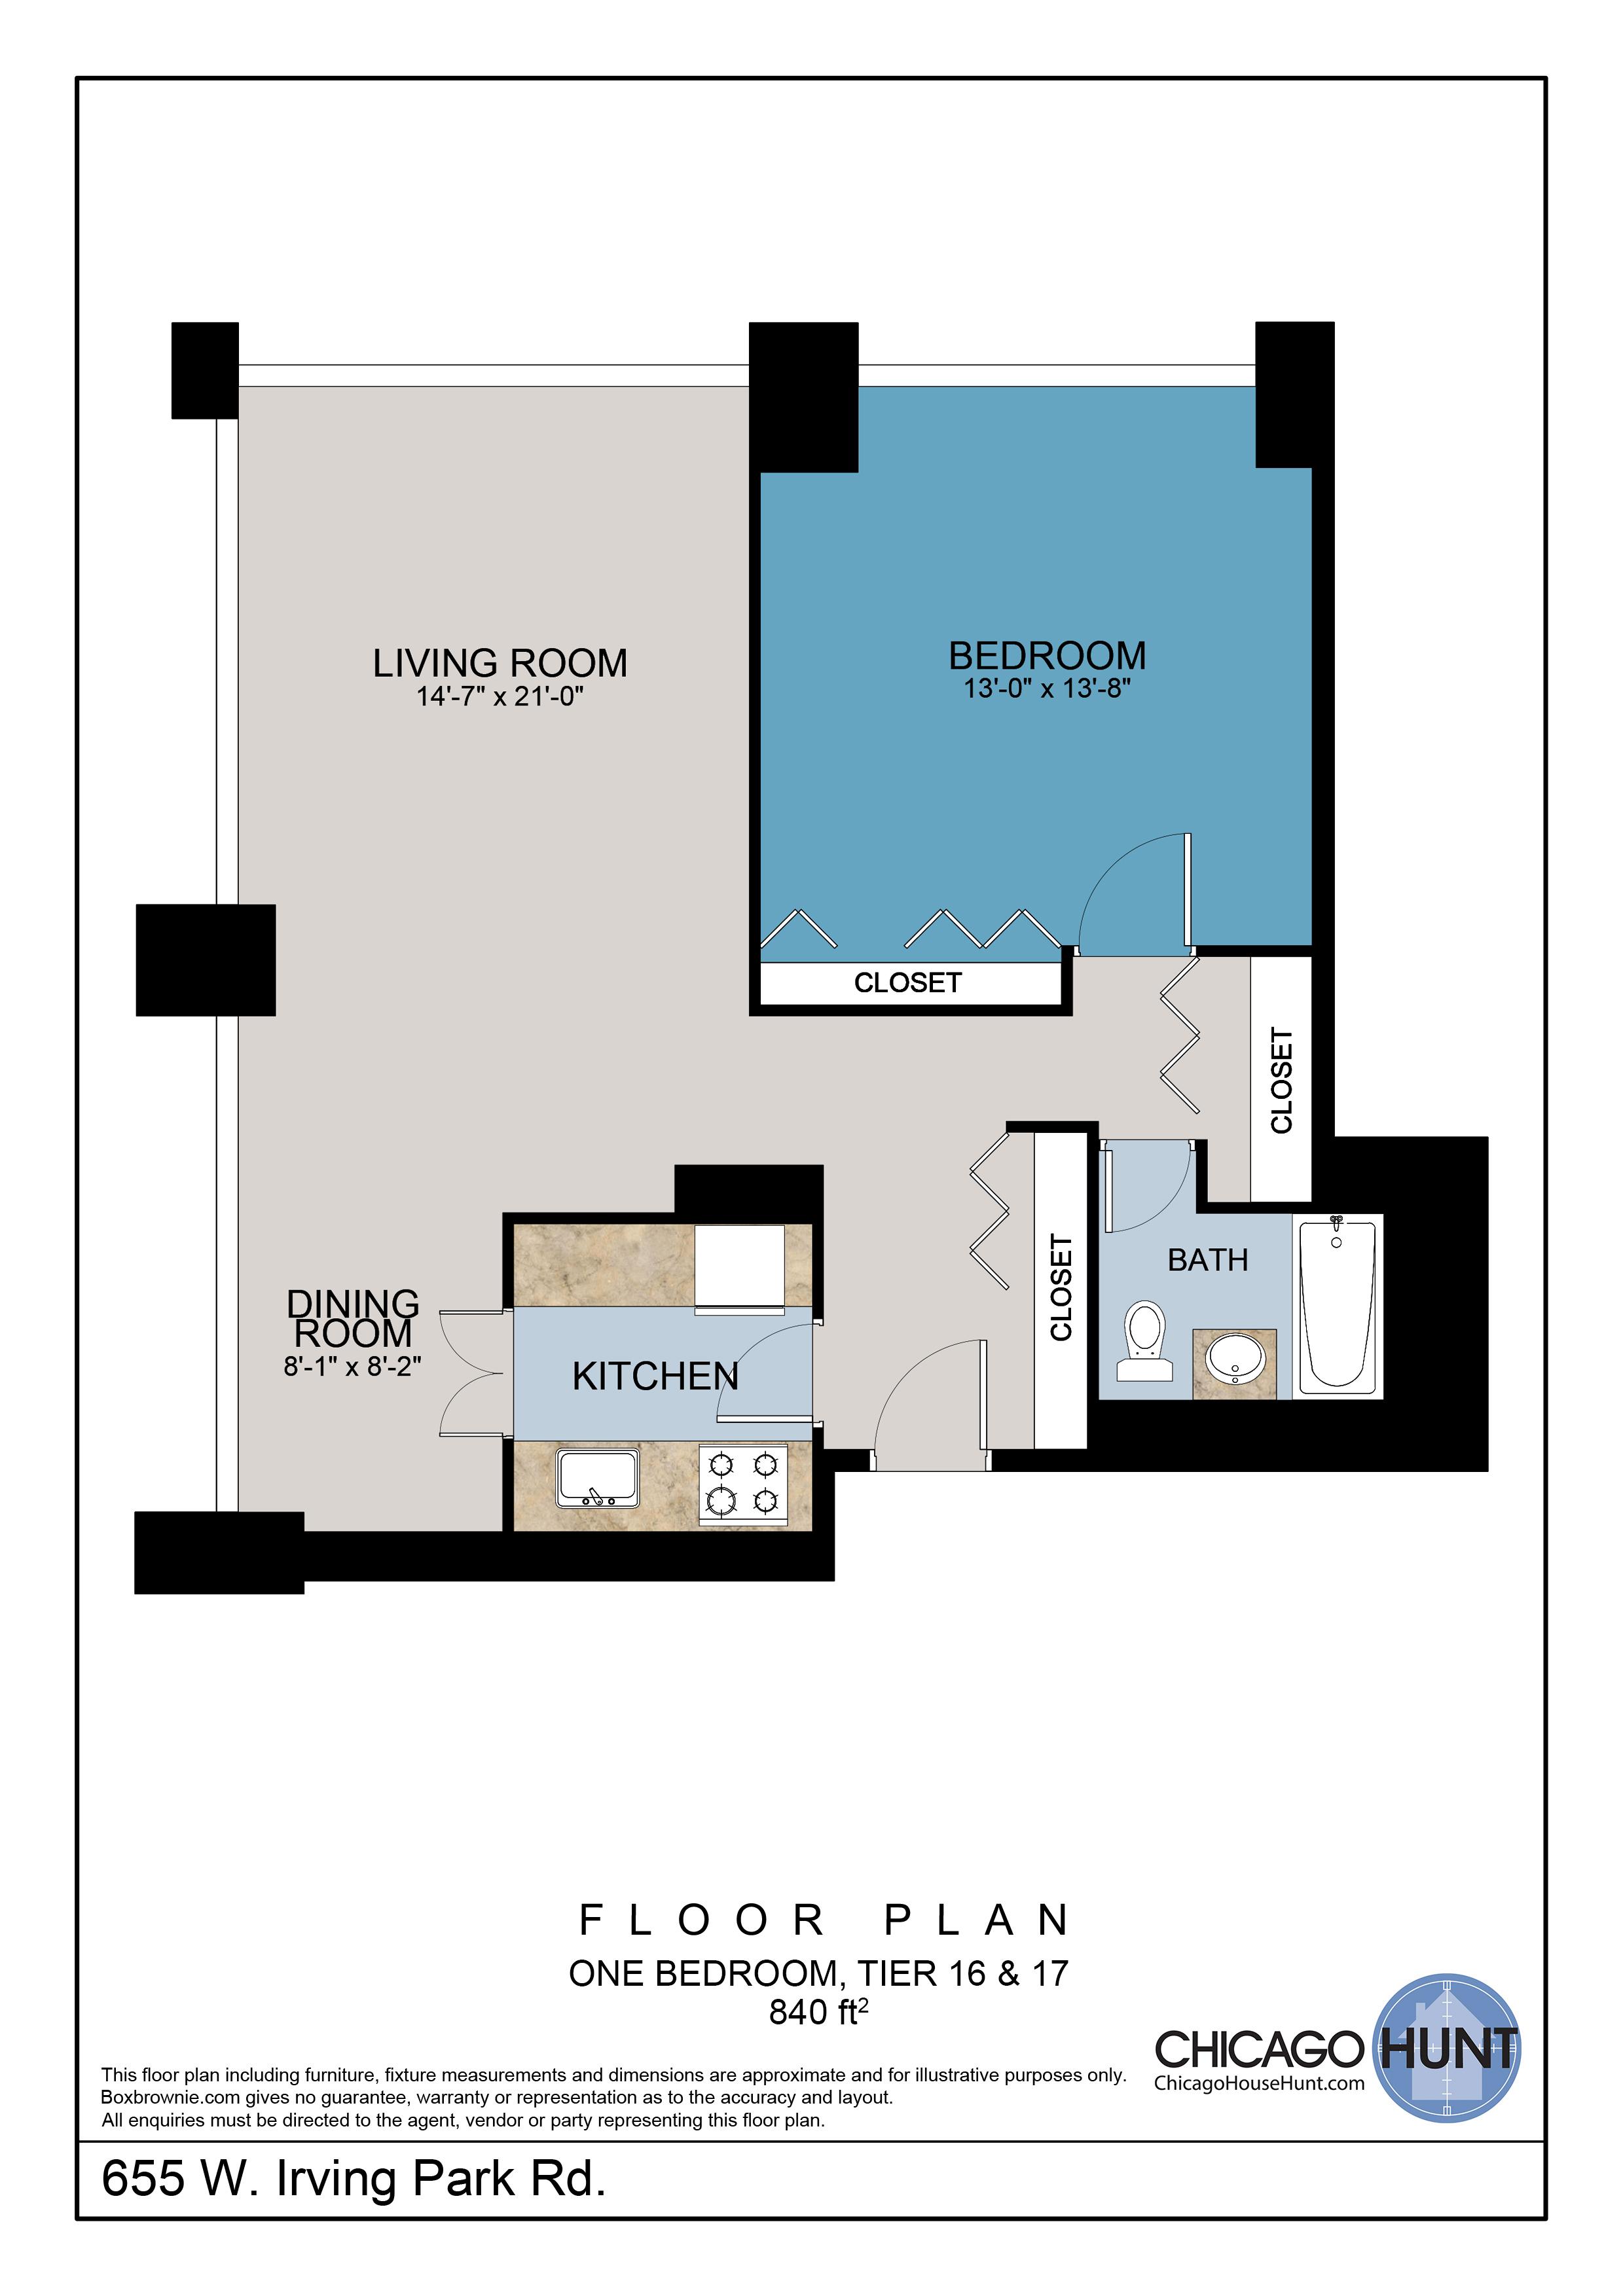 655 Irving Park, Park Place Towere - Floor Plan - Tier 16 & 17